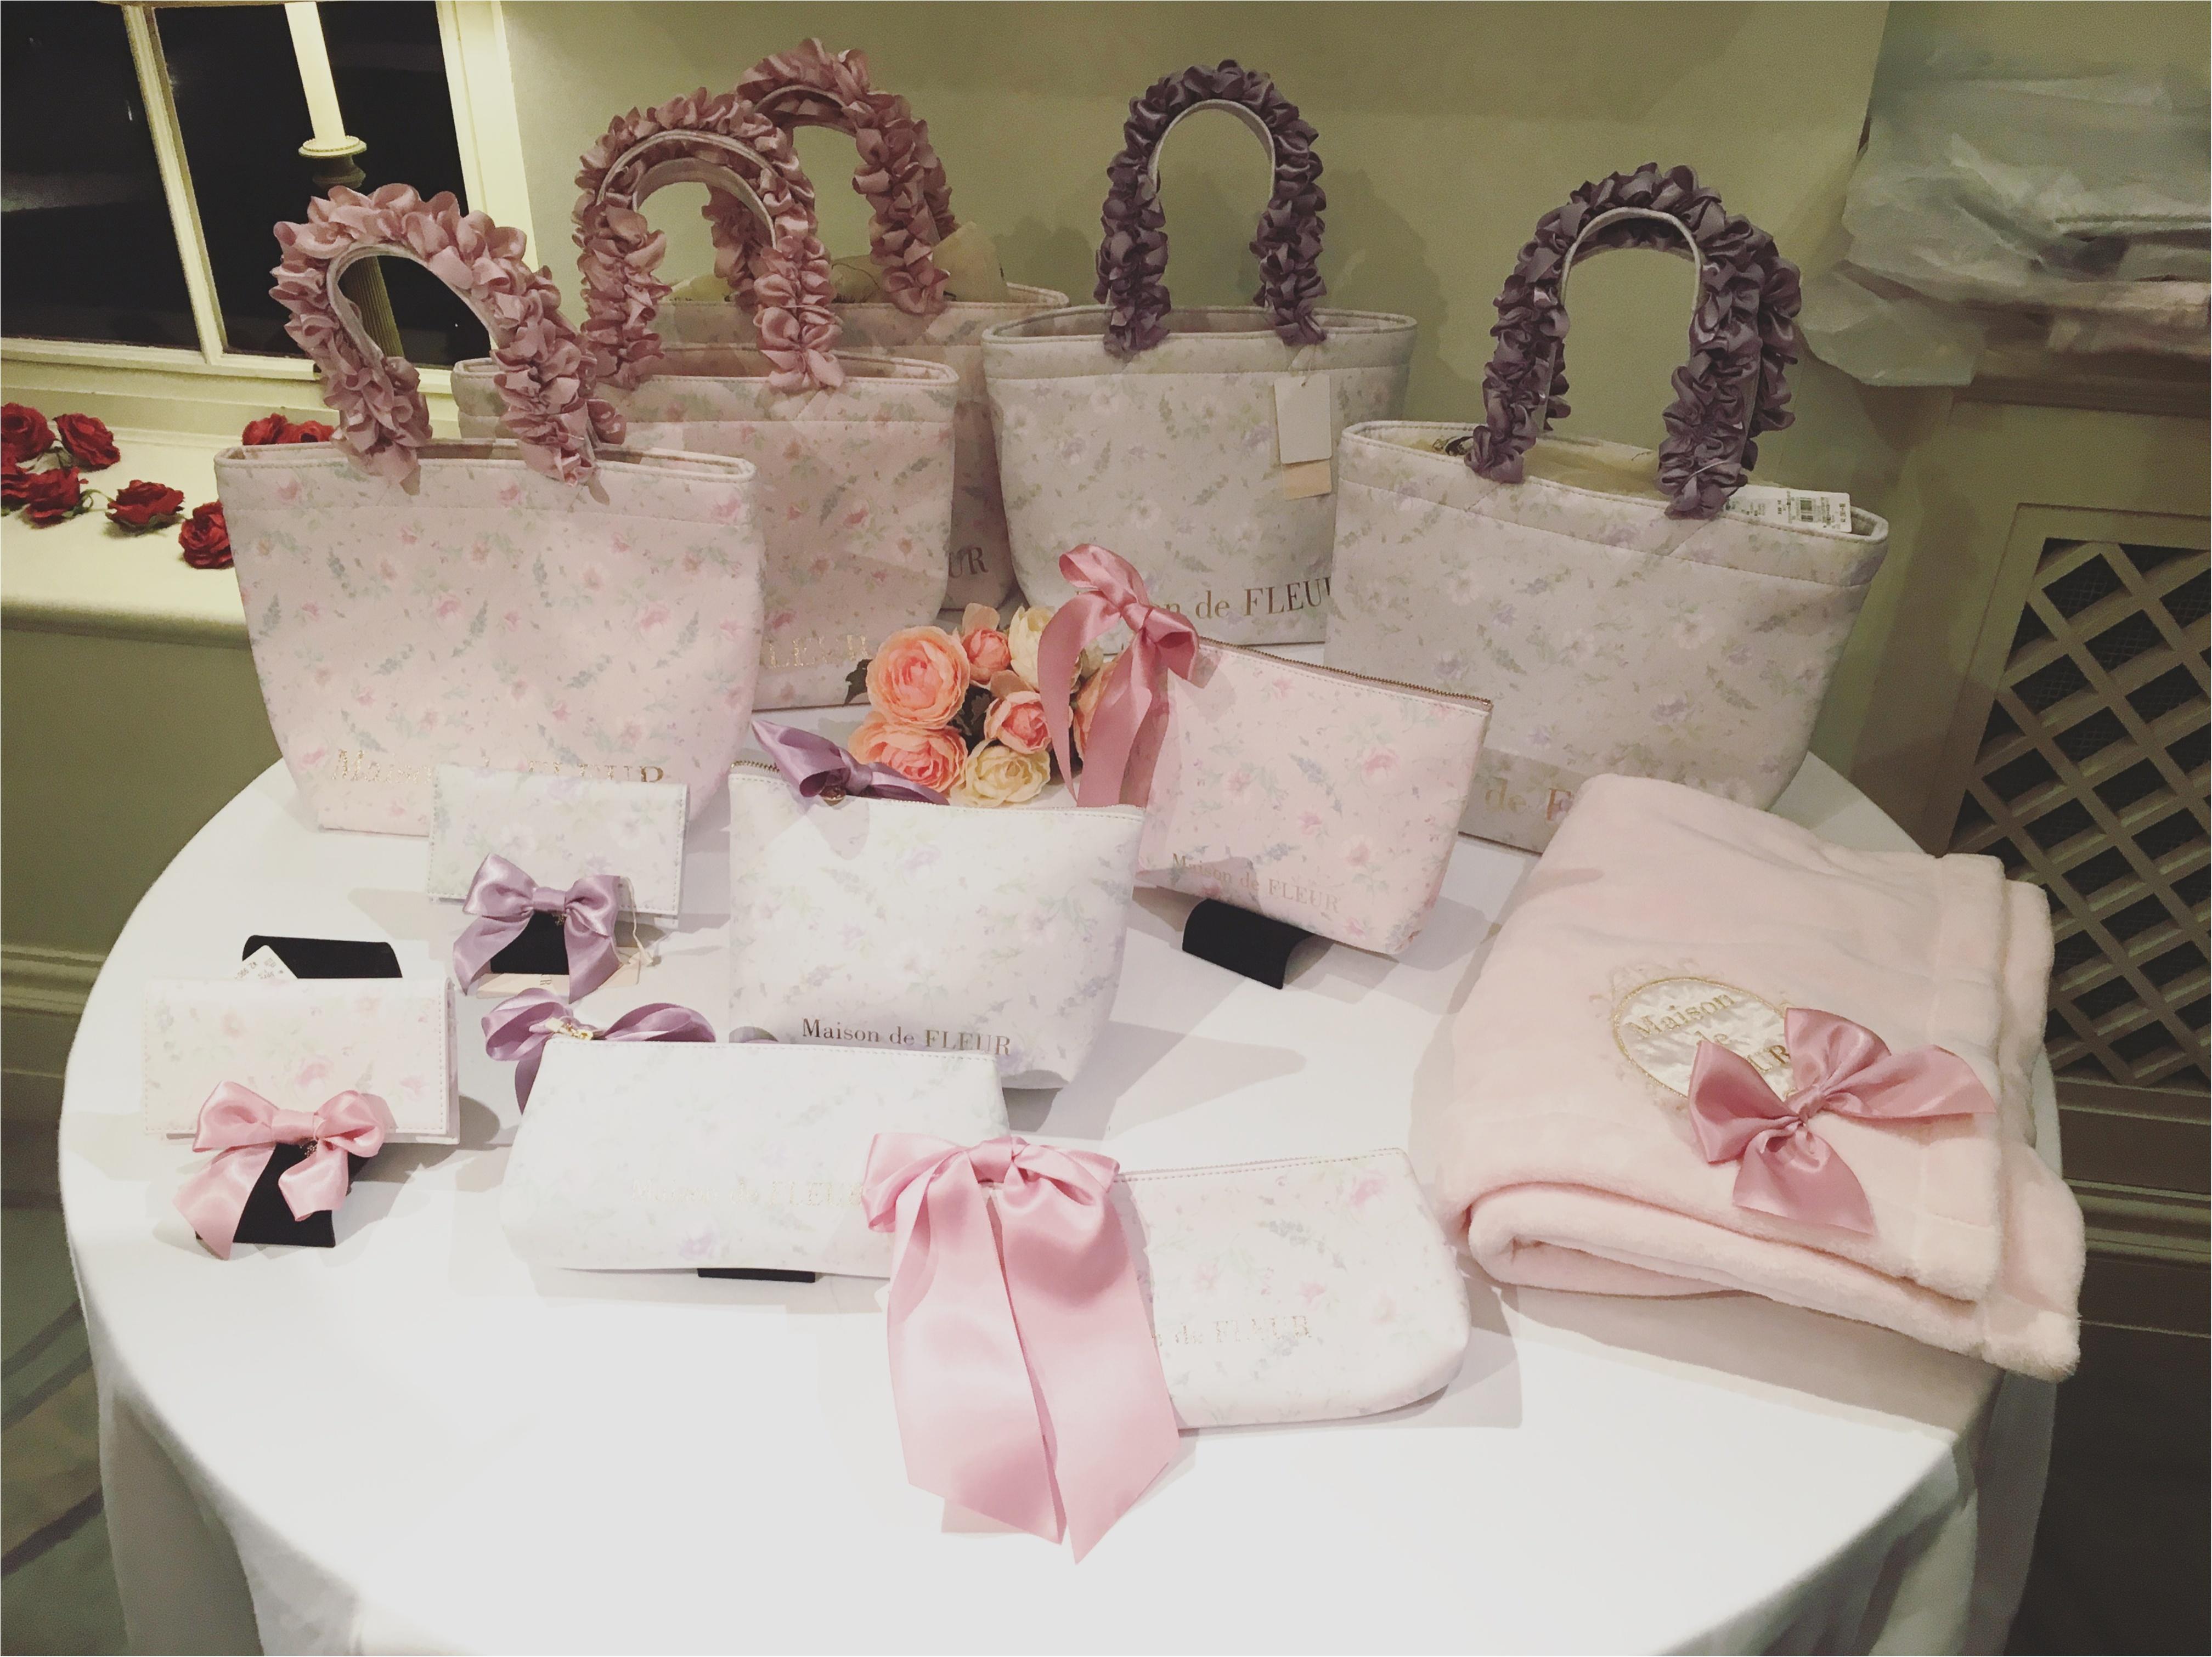 《Maison de FLEUR 4th Birthday Party.》メゾンドフルールの4周年パーティ♡私達、このピンクの世界を愛してる!♡♡_8